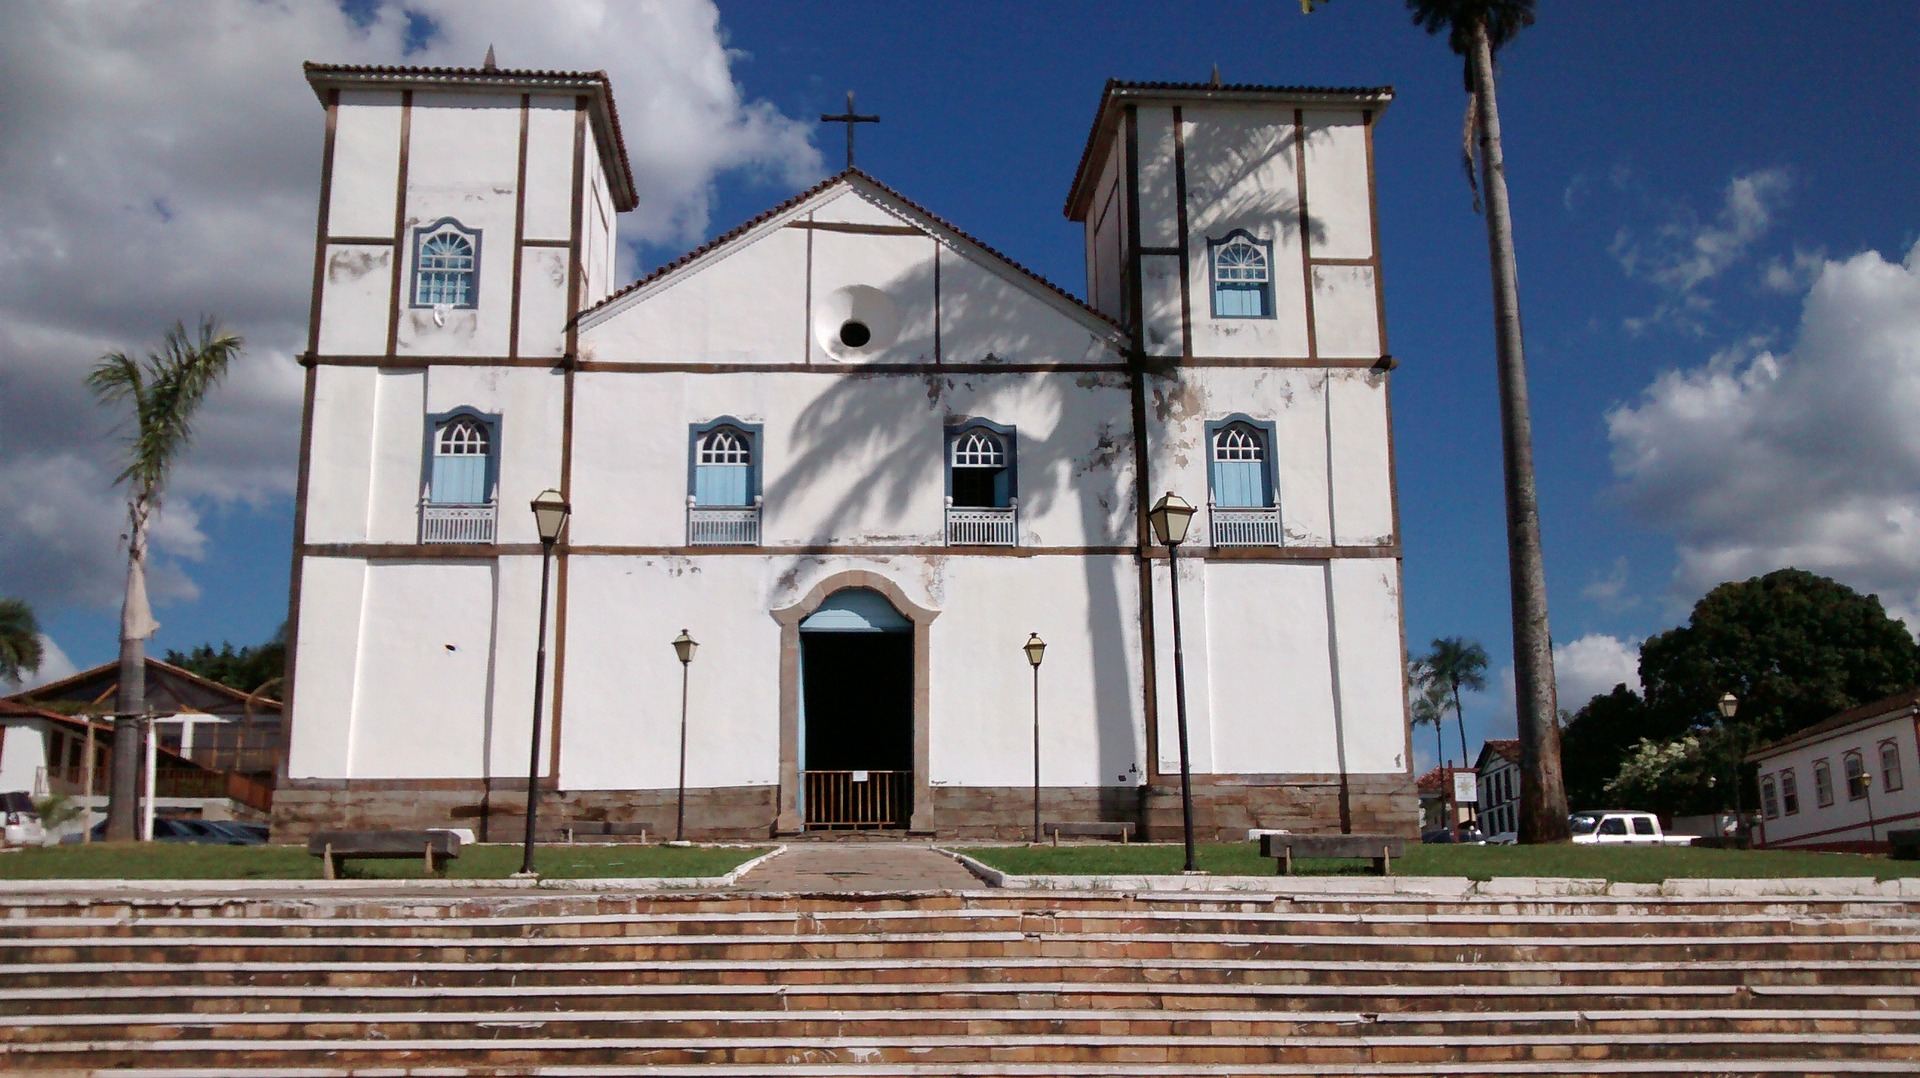 Edéia - Goiás